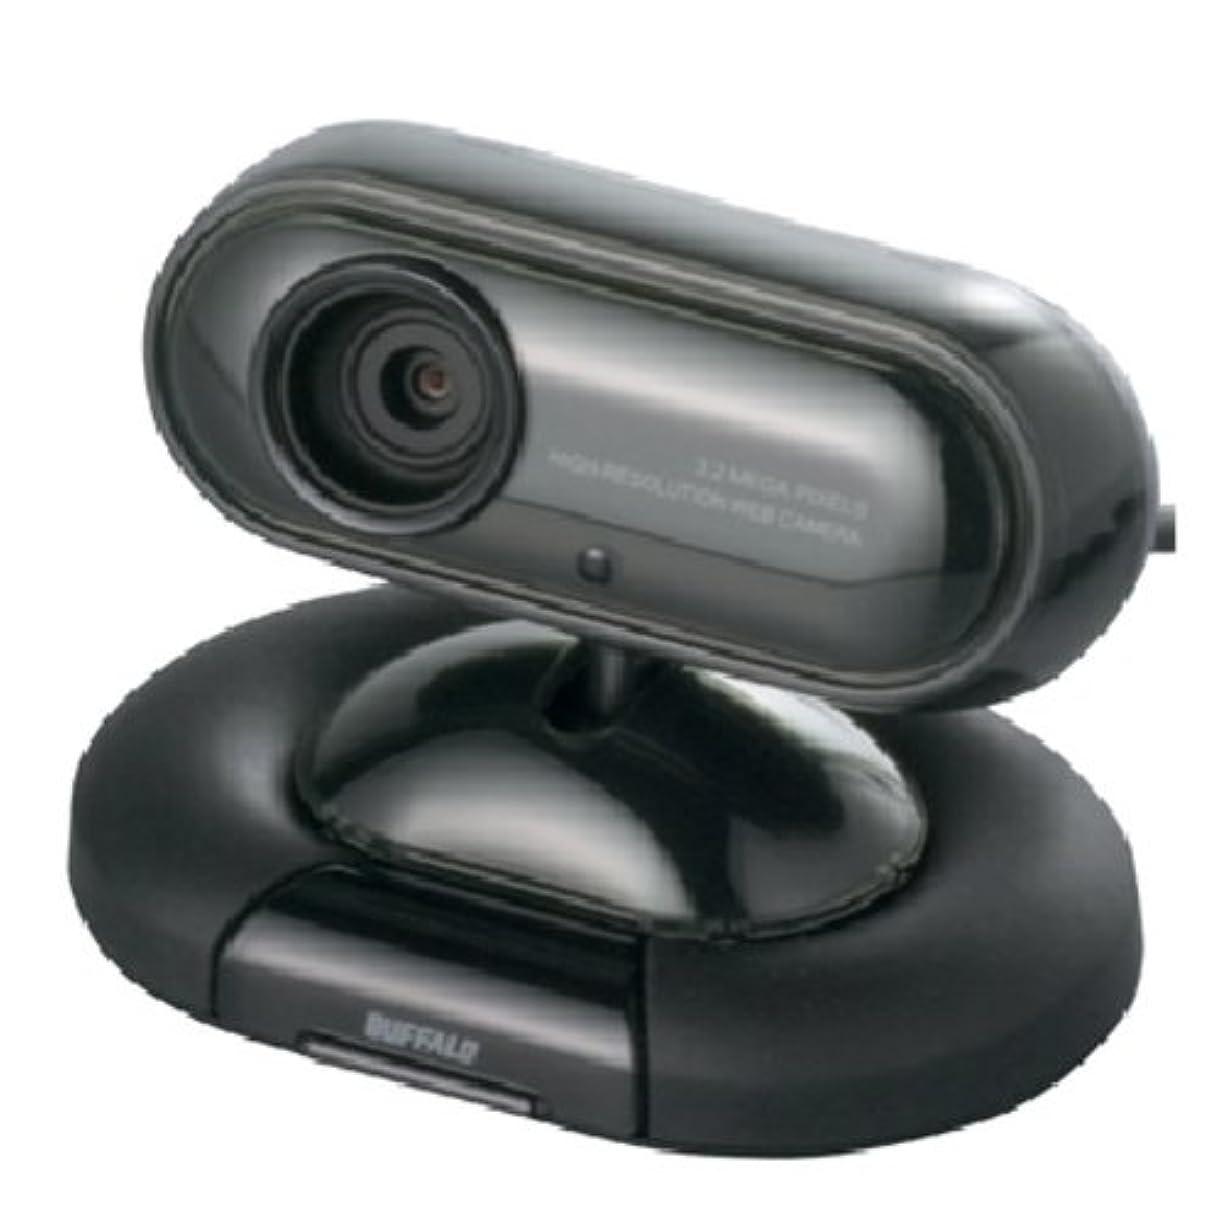 コック洗う衣服iBUFFALO 500万画素 FullHD対応 WEBカメラ ヘッドセット付 シルバー BSW50KM01HSV